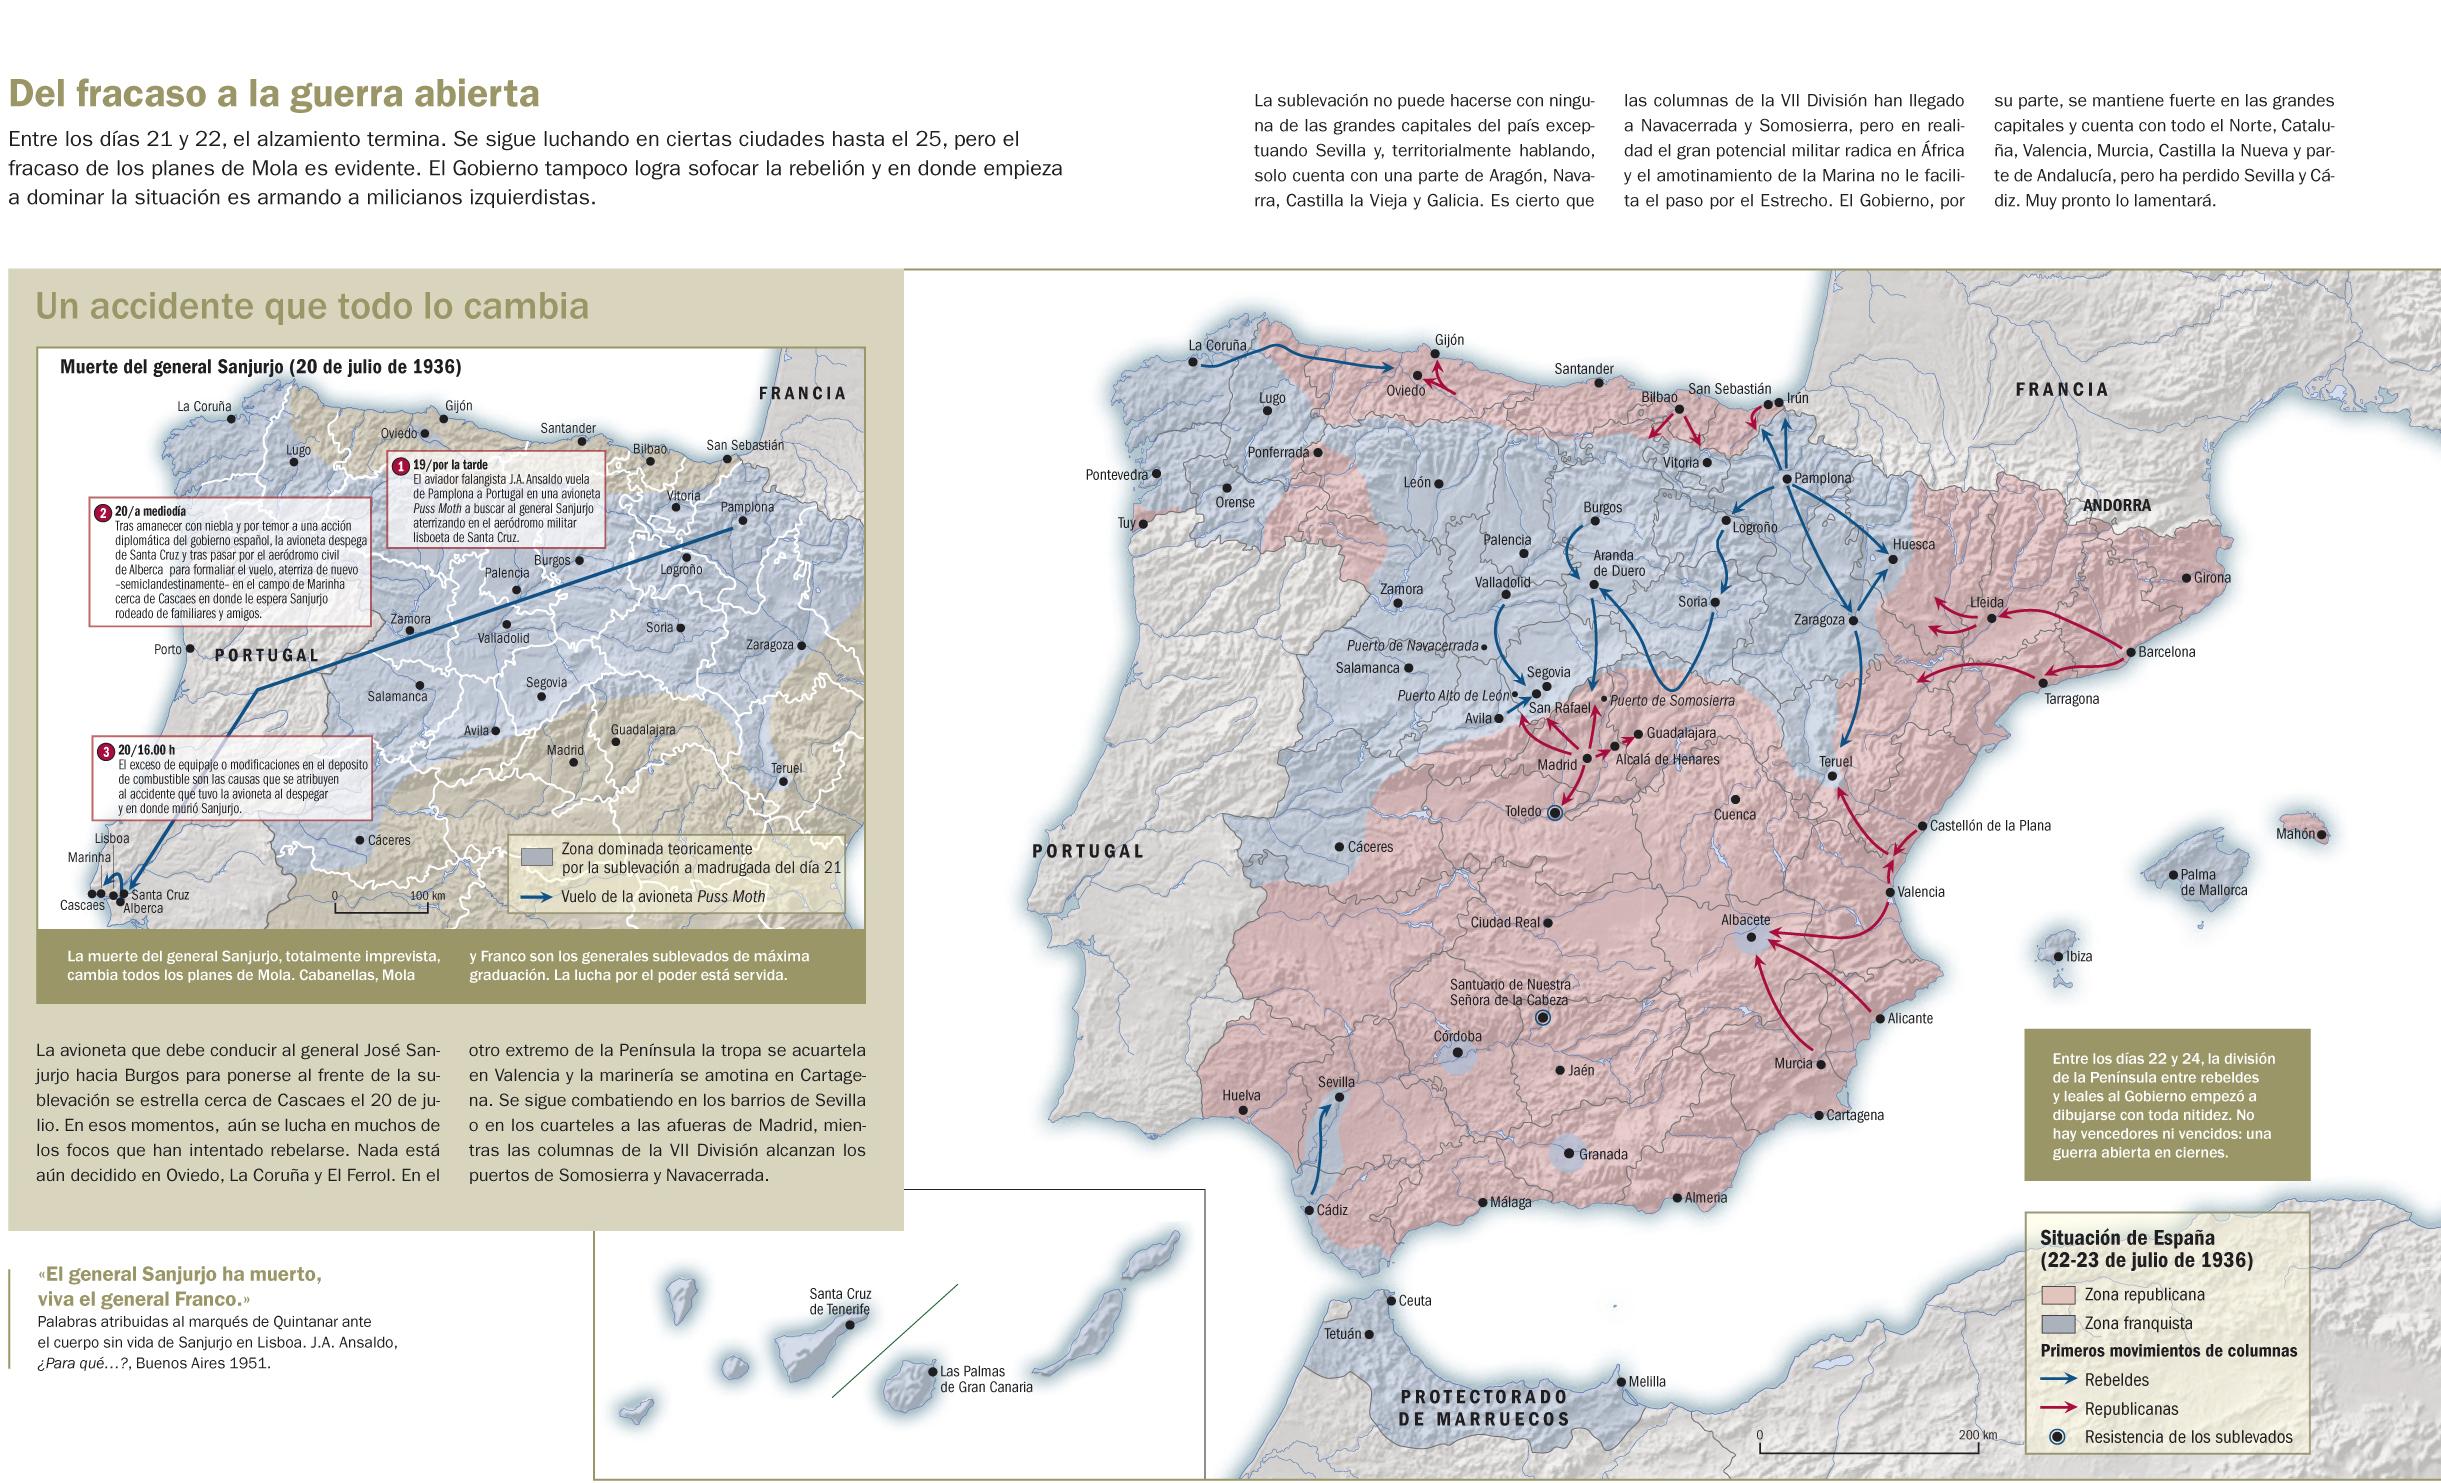 Situación el 23 de julio de 1936 tras el fracaso parcial del golpe de Estado. En azul las zonas controladas por los sublevados.[61]